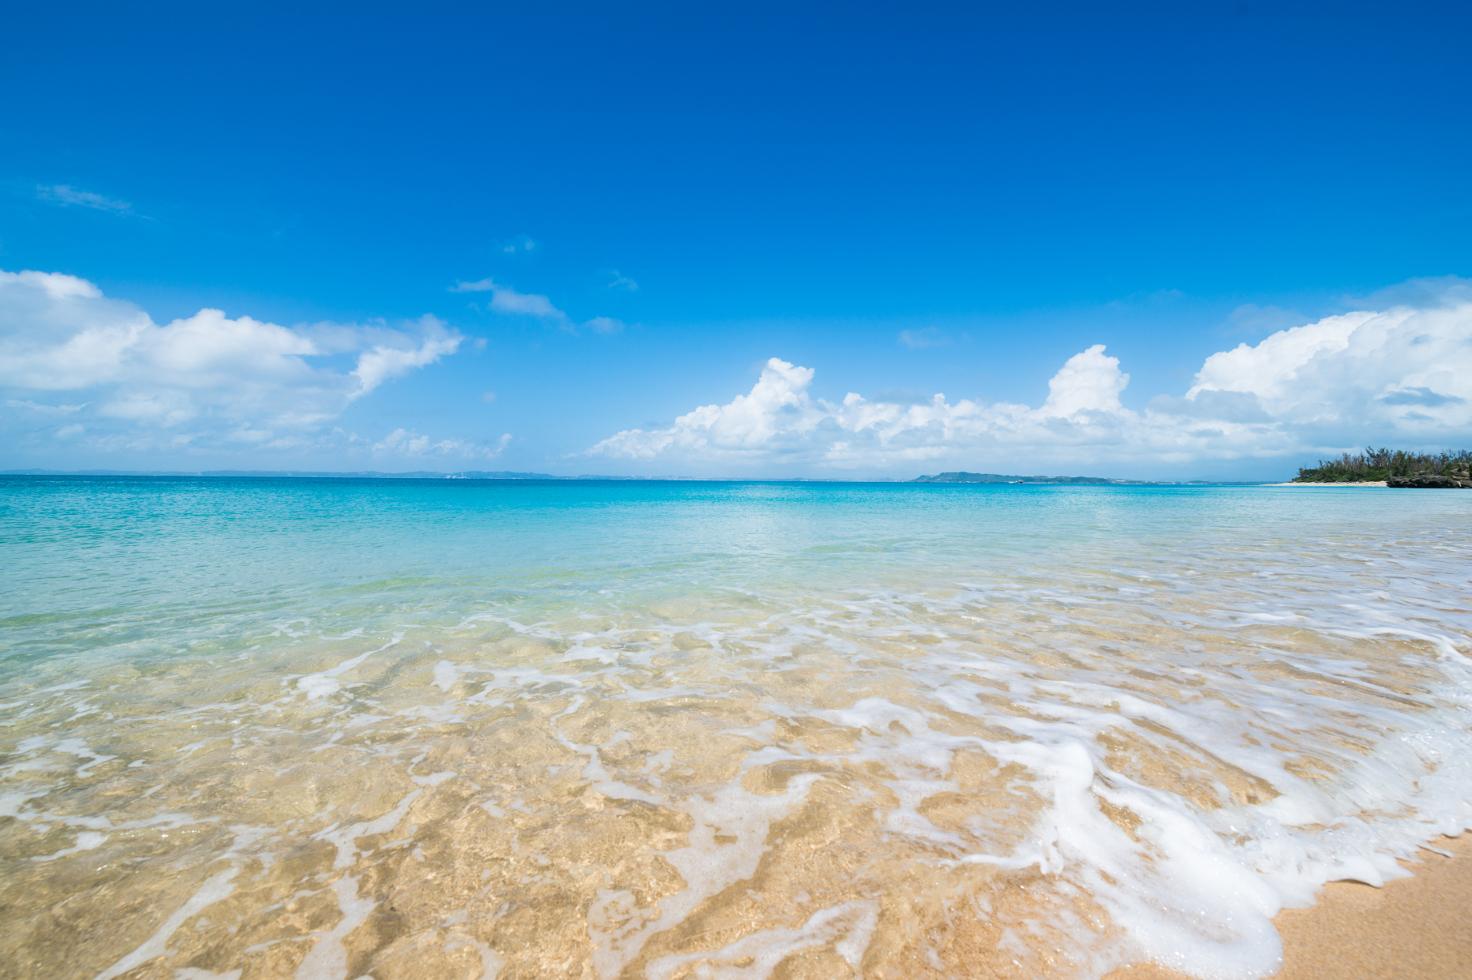 海の画像 p1_31